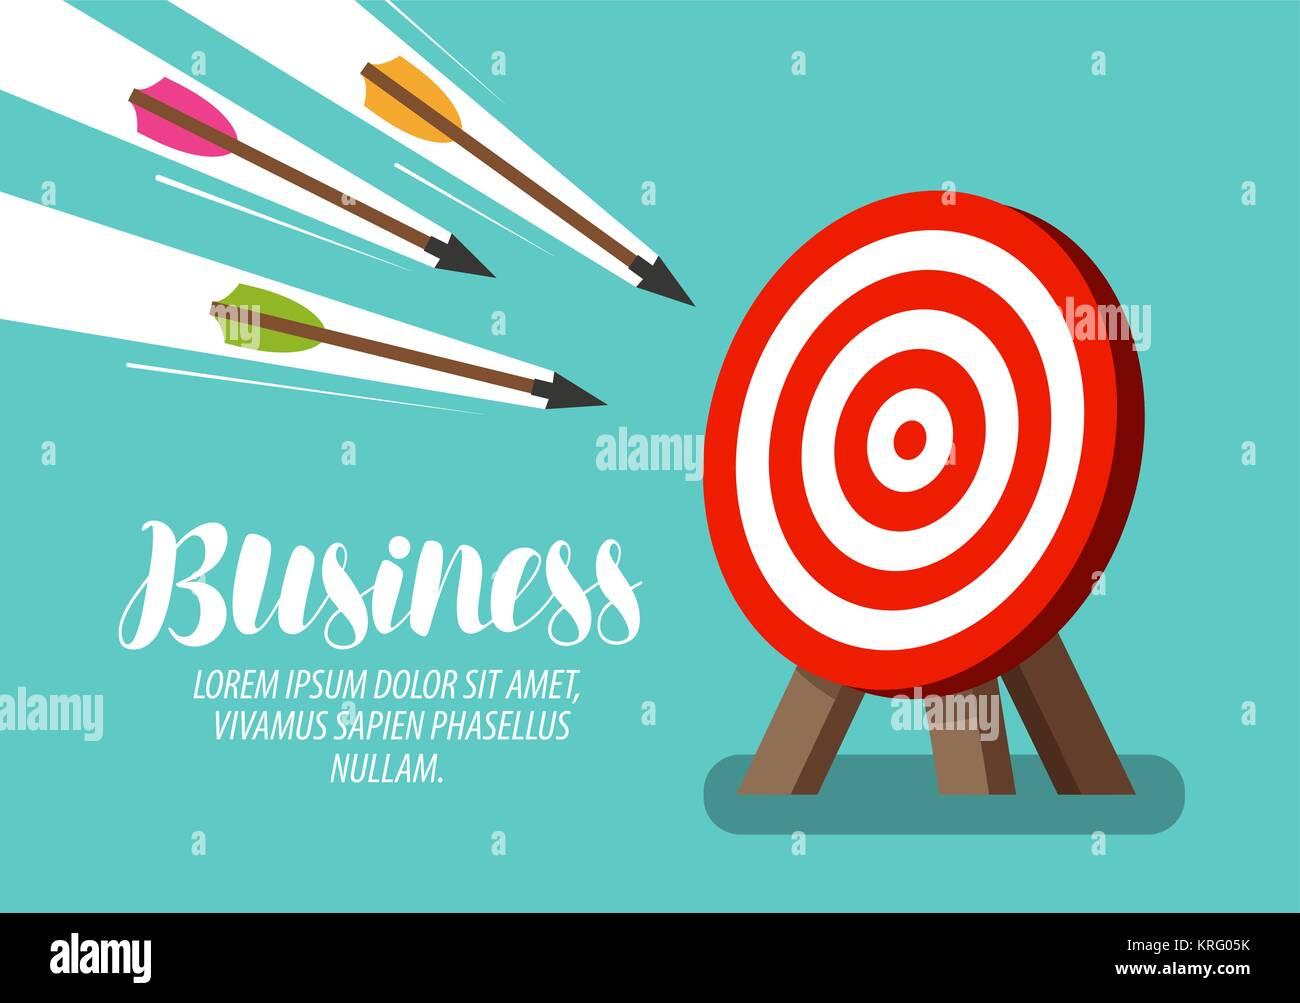 Target e battenti frecce. Il concetto di business. Illustrazione Vettoriale Immagini Stock